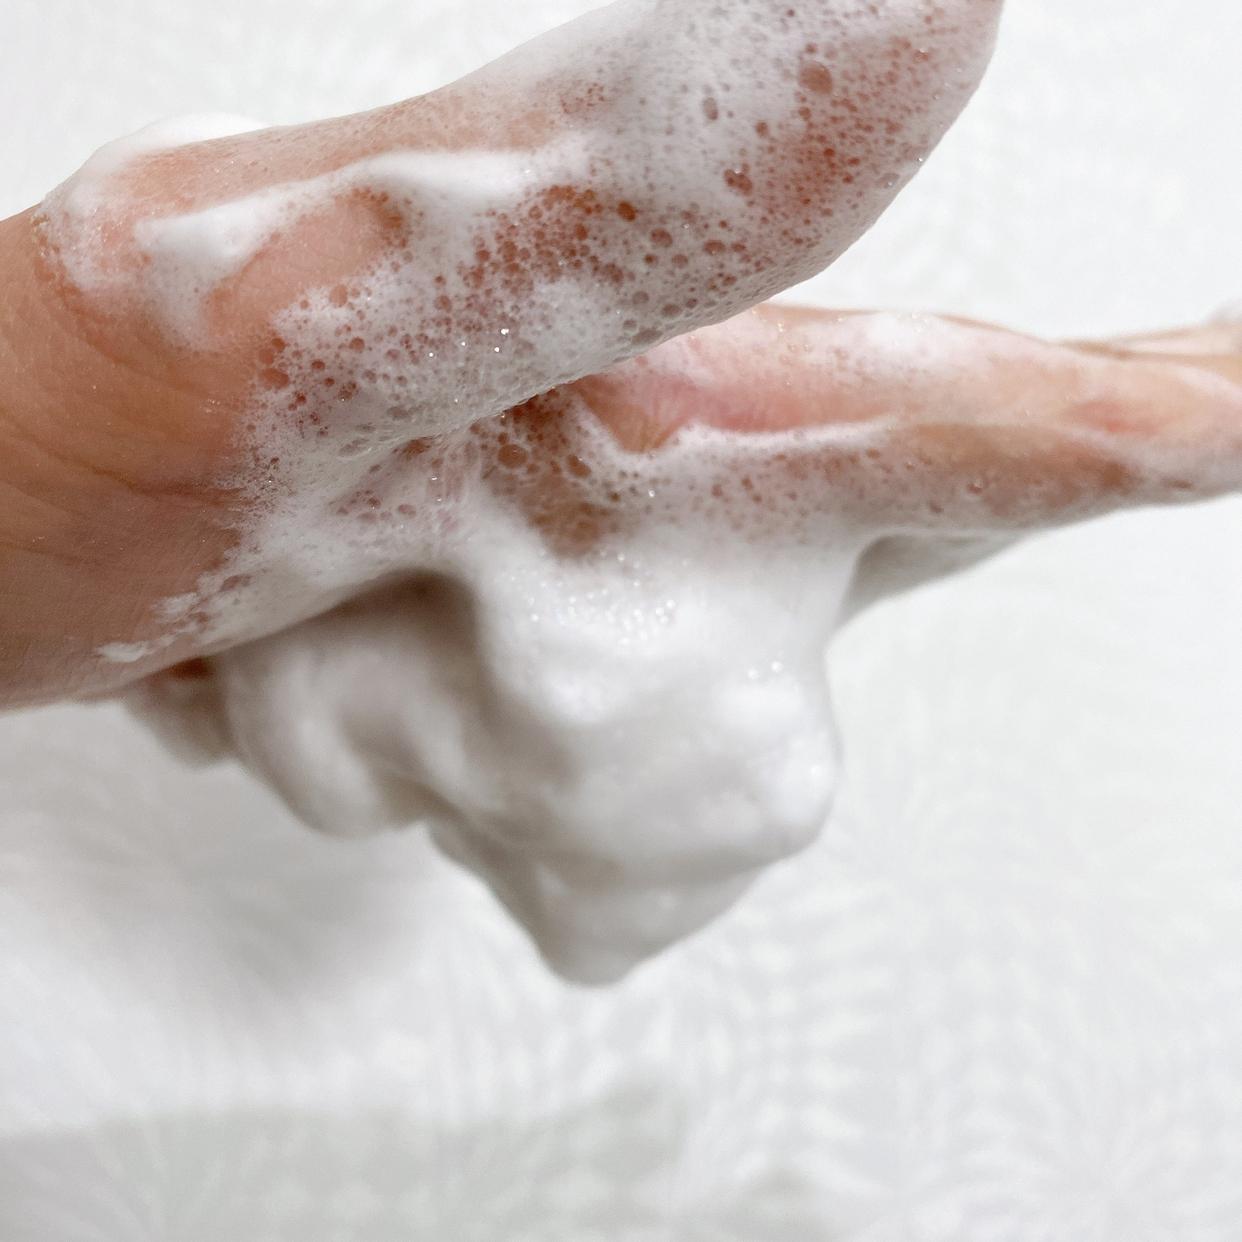 carenainai(ケアナイナイ) 酵素洗顔パウダーを使ったちーこすさんのクチコミ画像3